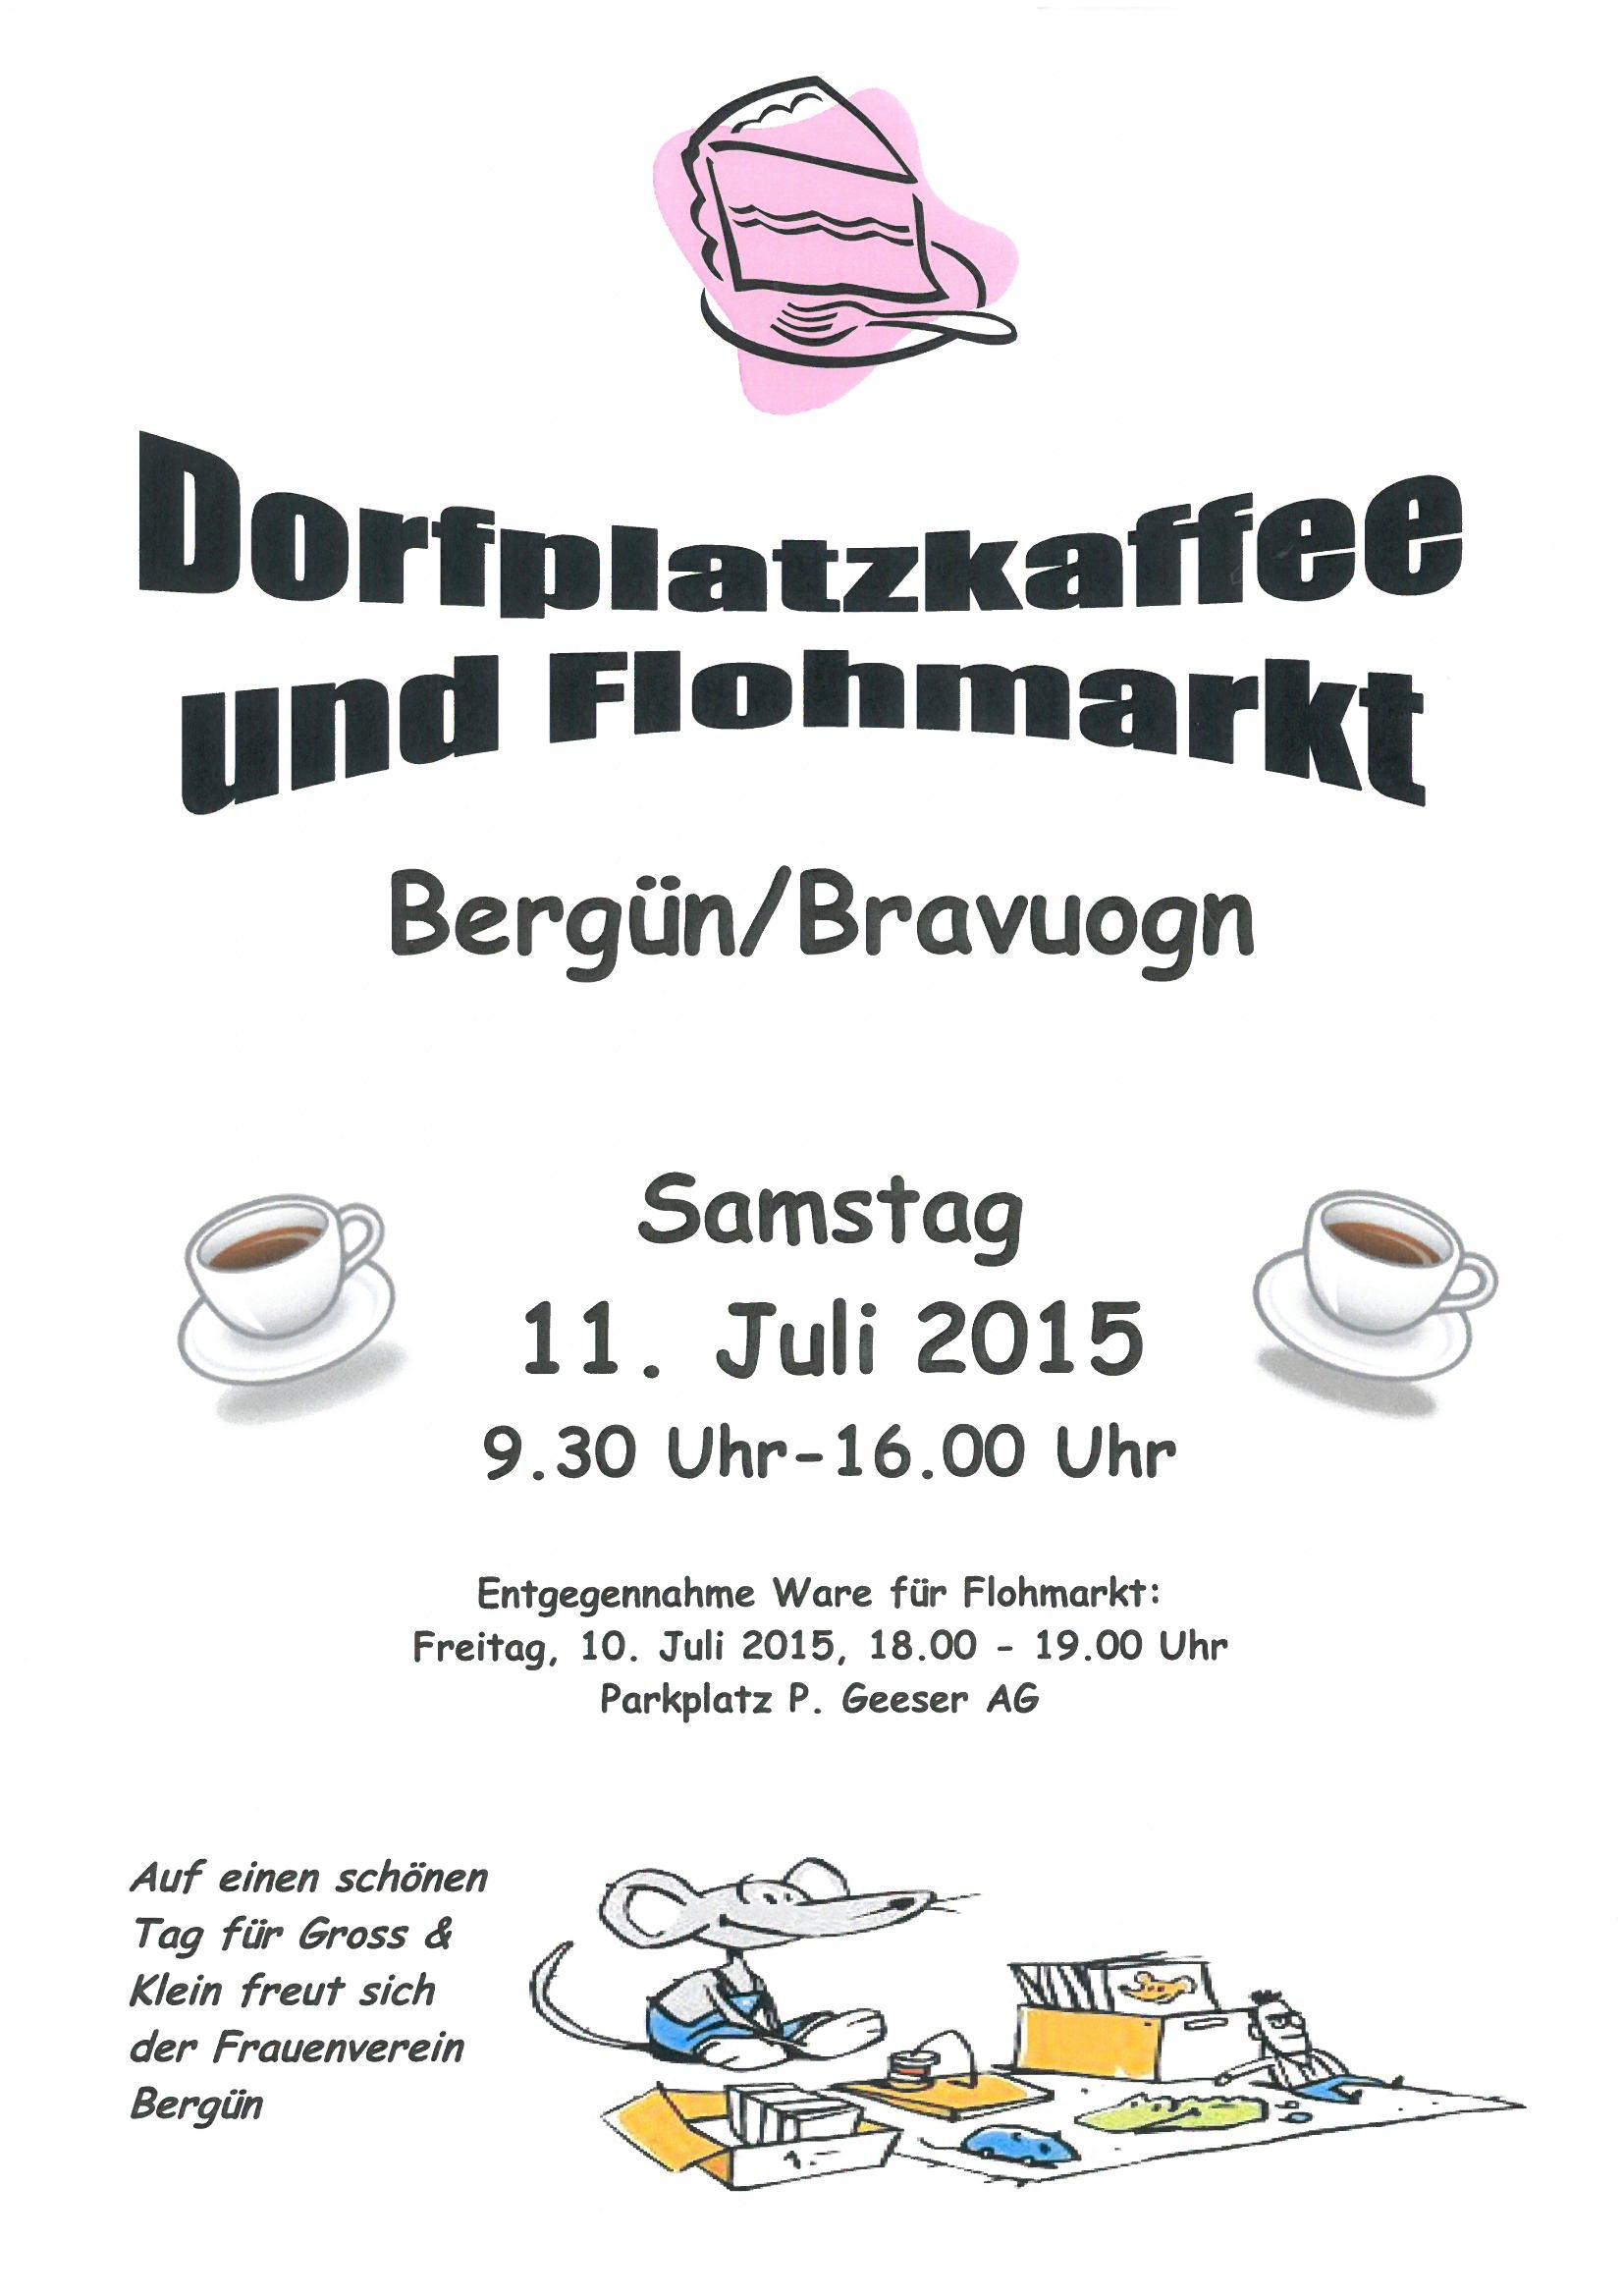 Dorfplatzkaffee und Flohmarkt